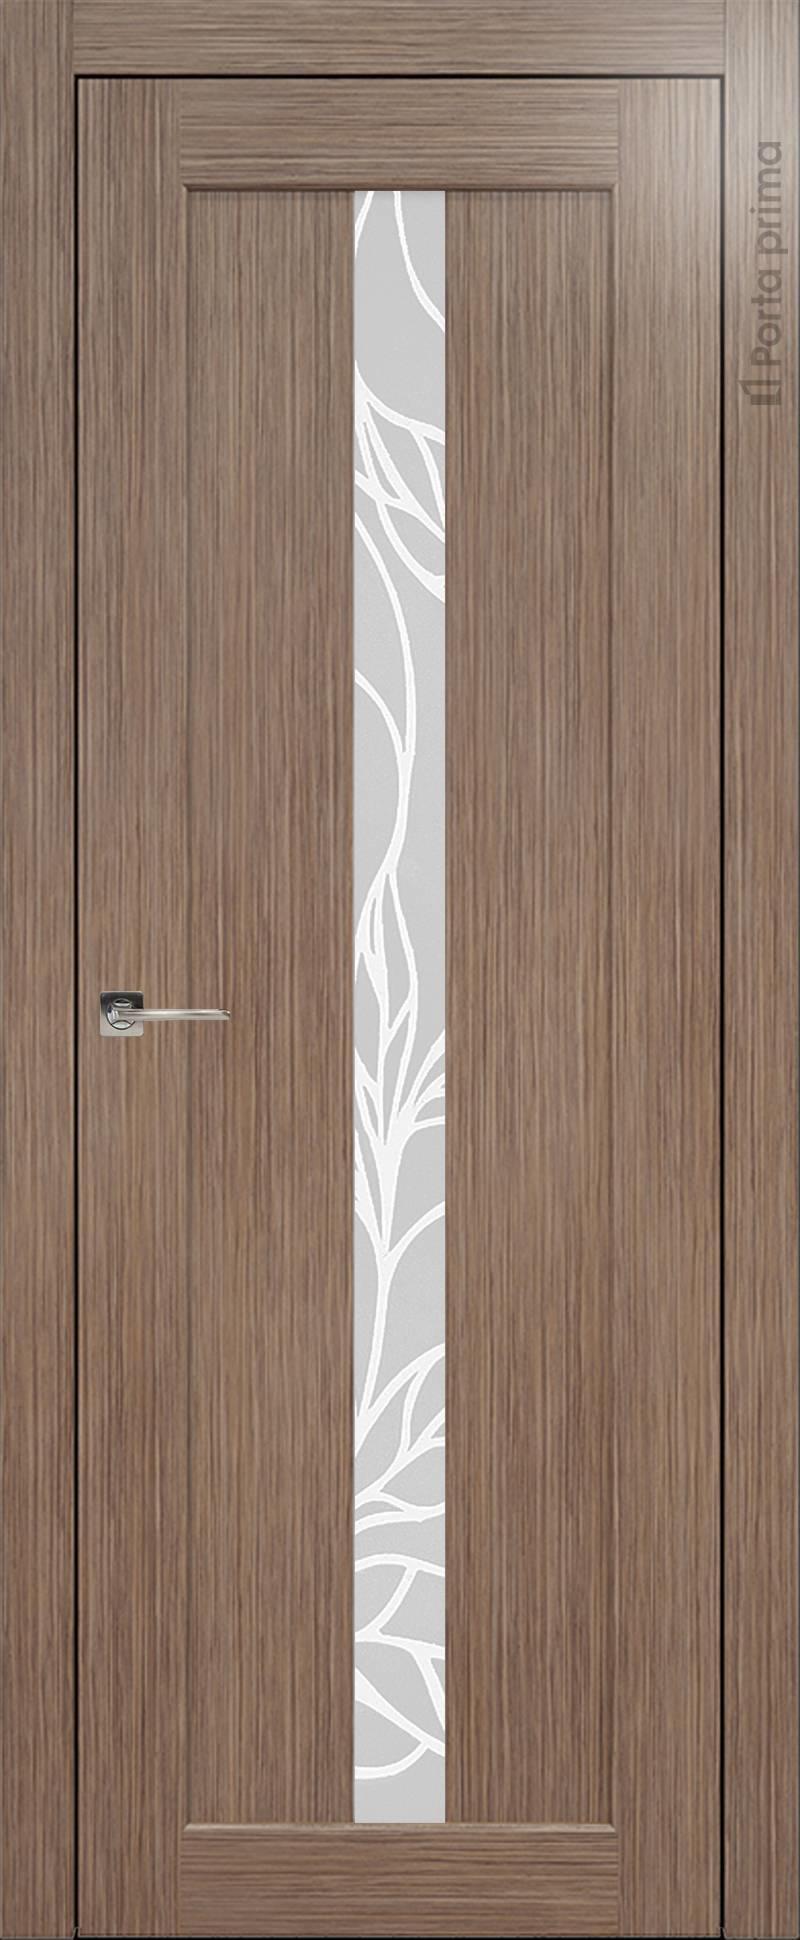 Pianta цвет - Орех Без стекла (ДГ)